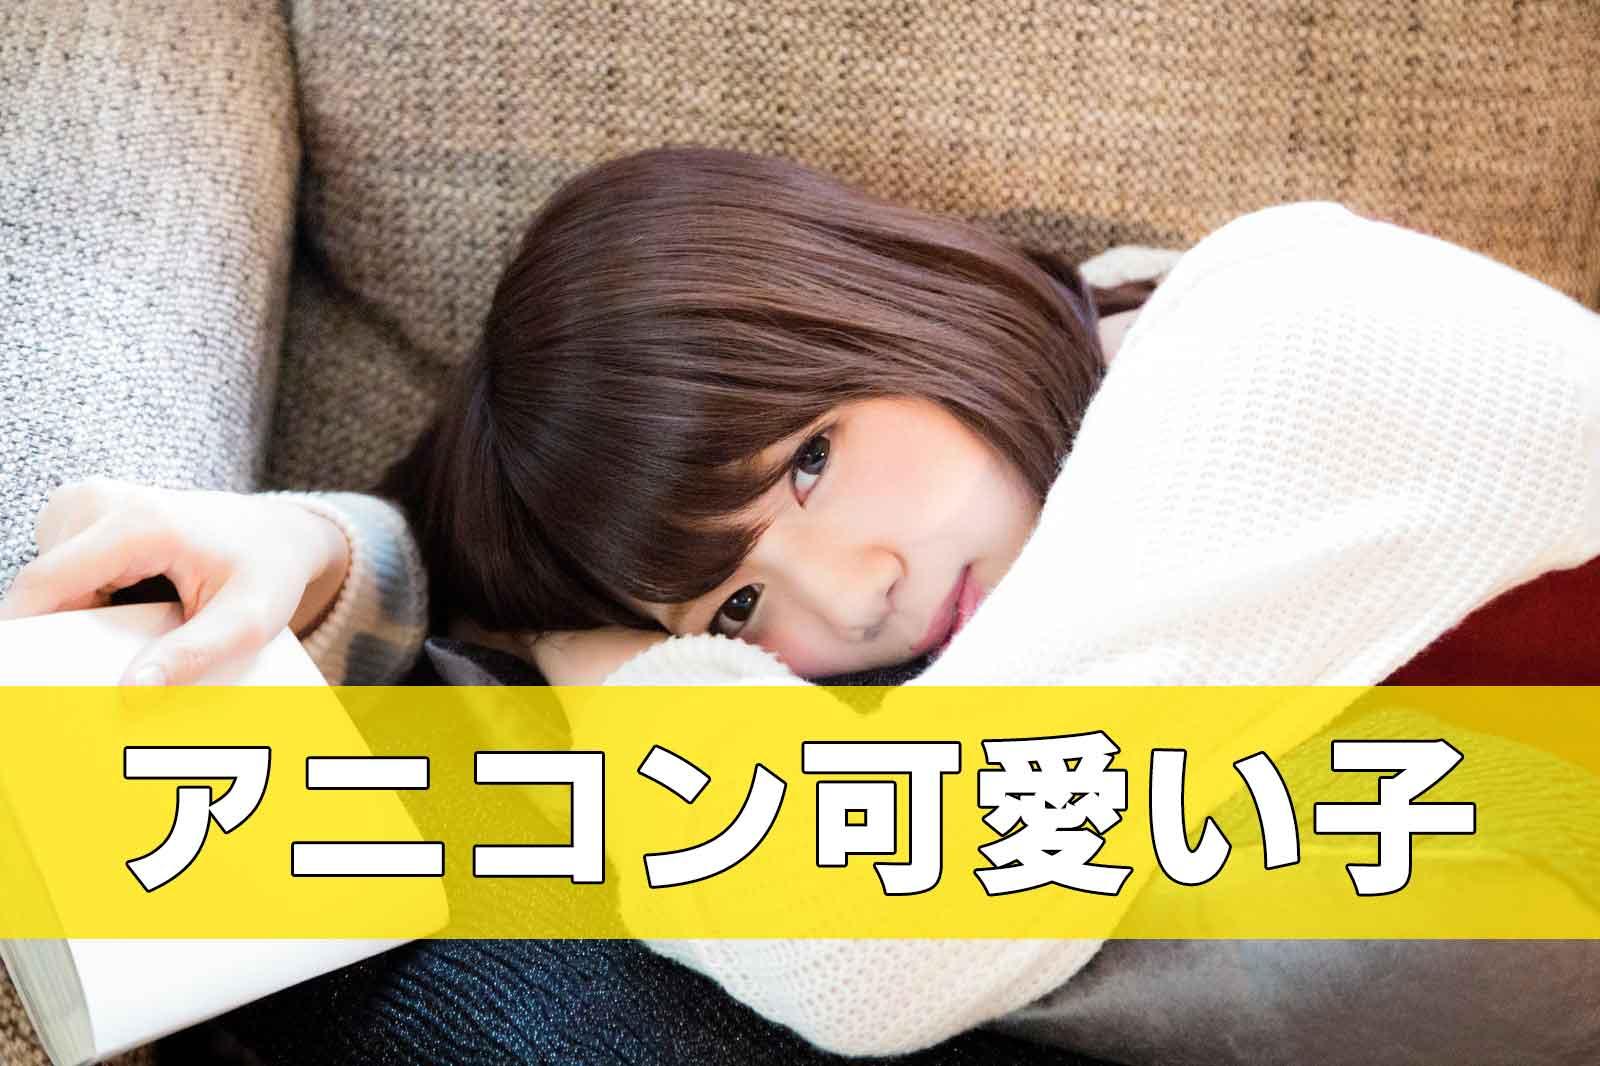 「アニコン可愛い子」と書かれたテキストとソファーに寝そべってこちらを見る可愛い女性